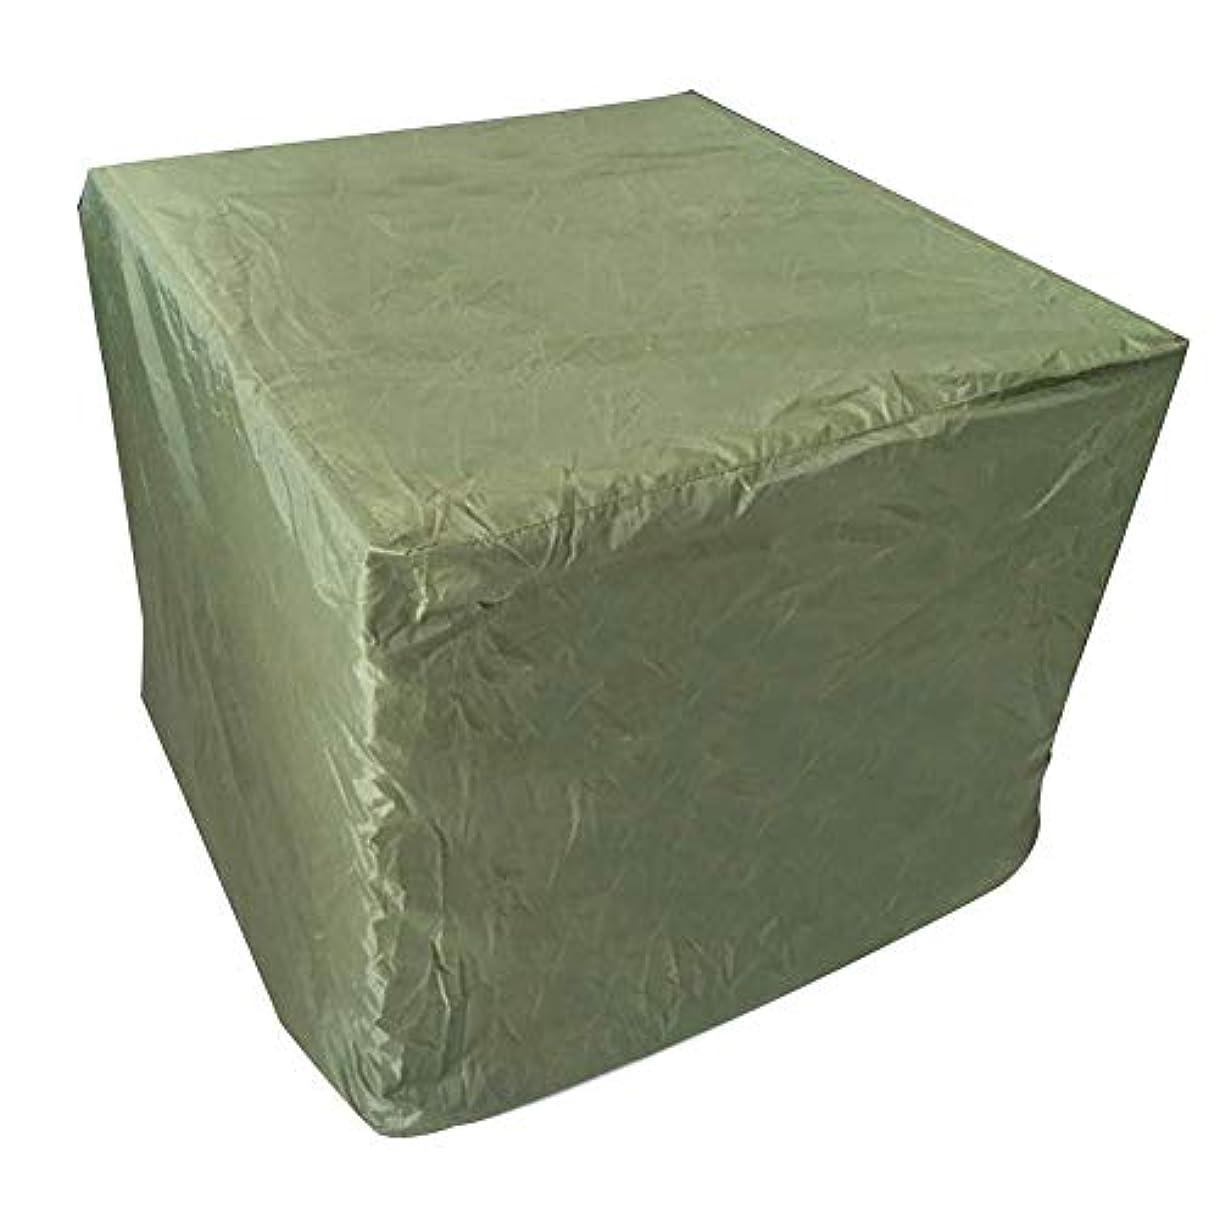 渦布逸脱WCH 屋外ガーデンナイトレインカバーガーデン防水テーブルとチェアカバー?屋外防水シート